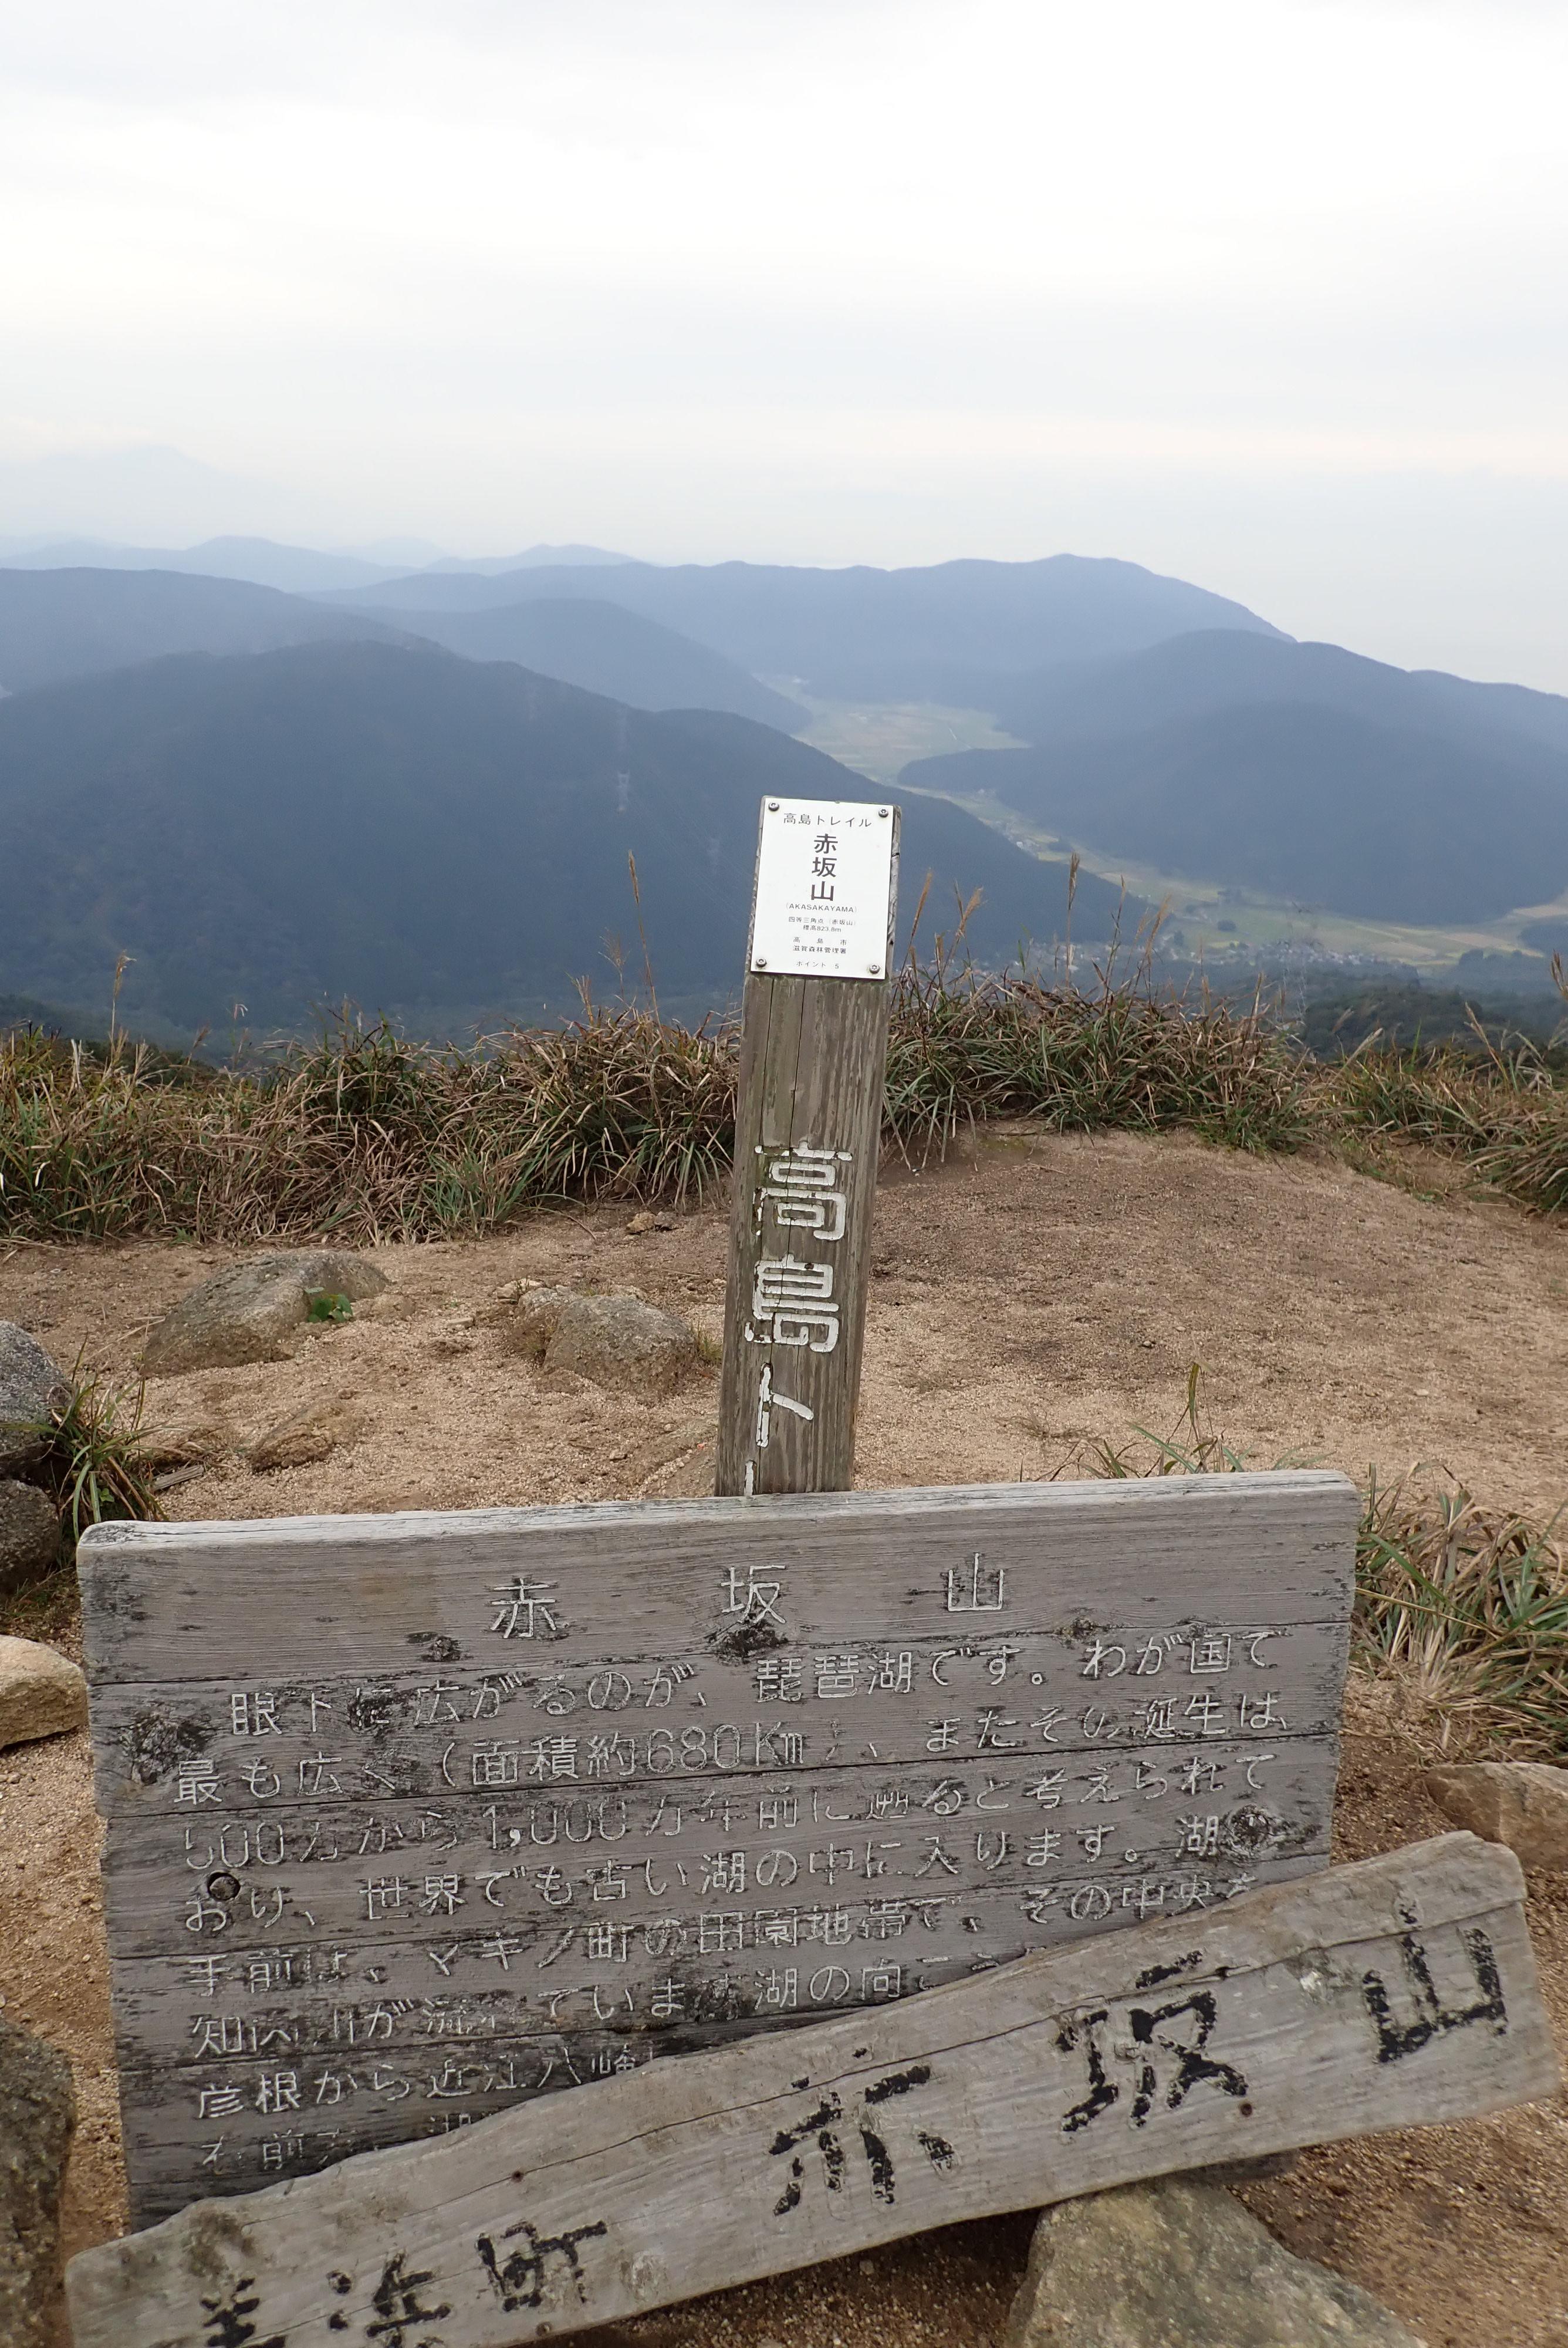 2020/10/03 三国山・赤坂山『初秋の琵琶湖の水源(分水嶺)を歩く』